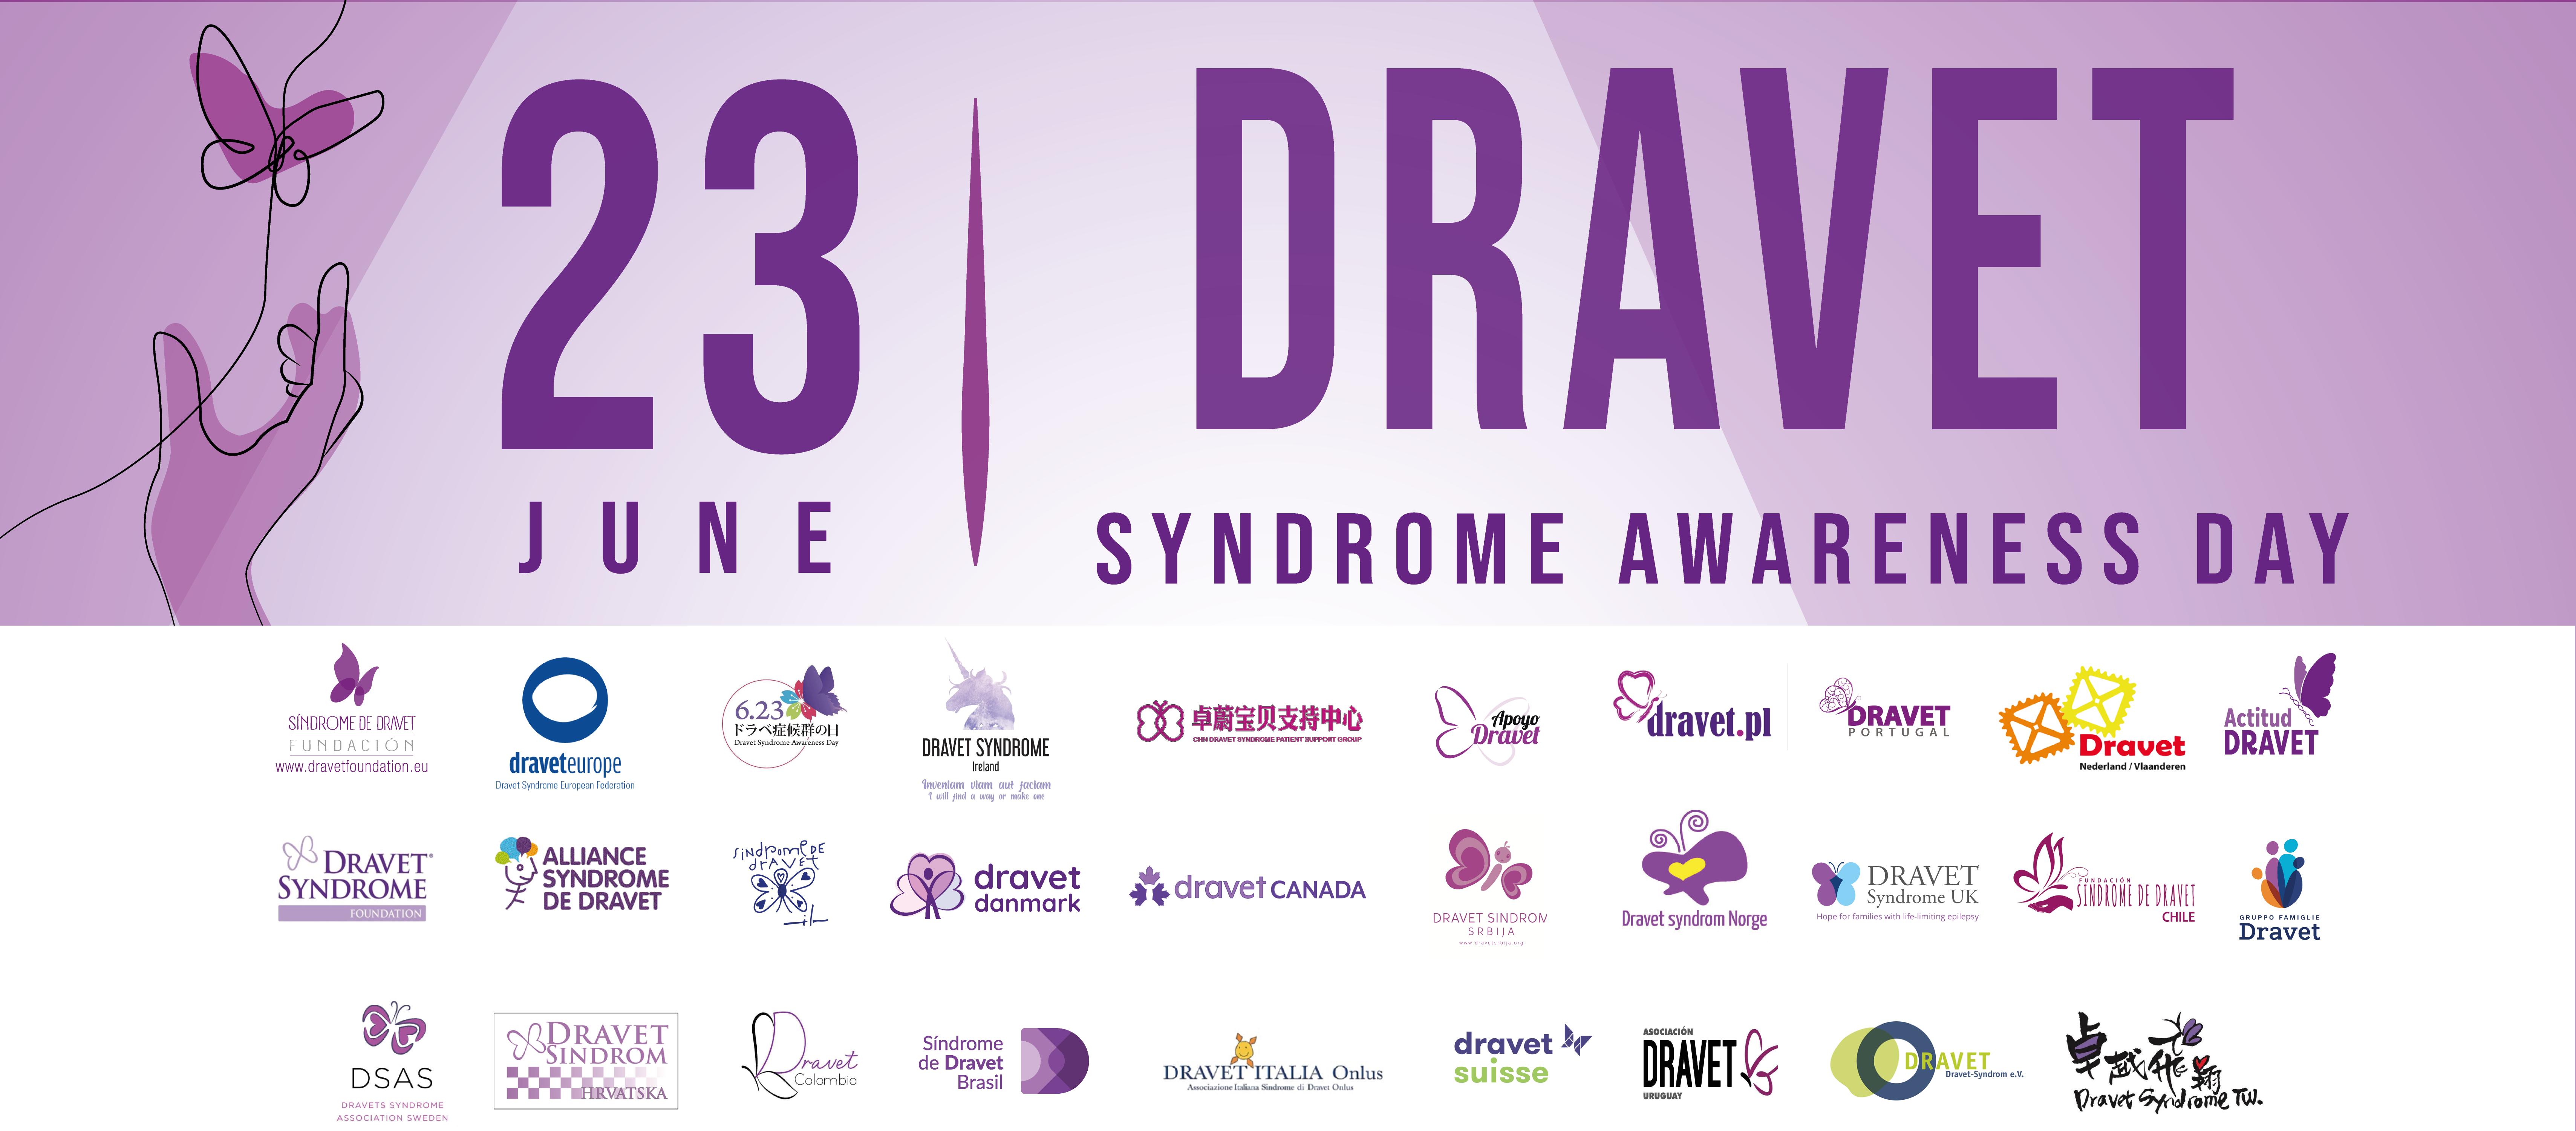 Dravet Syndrome Awareness Day